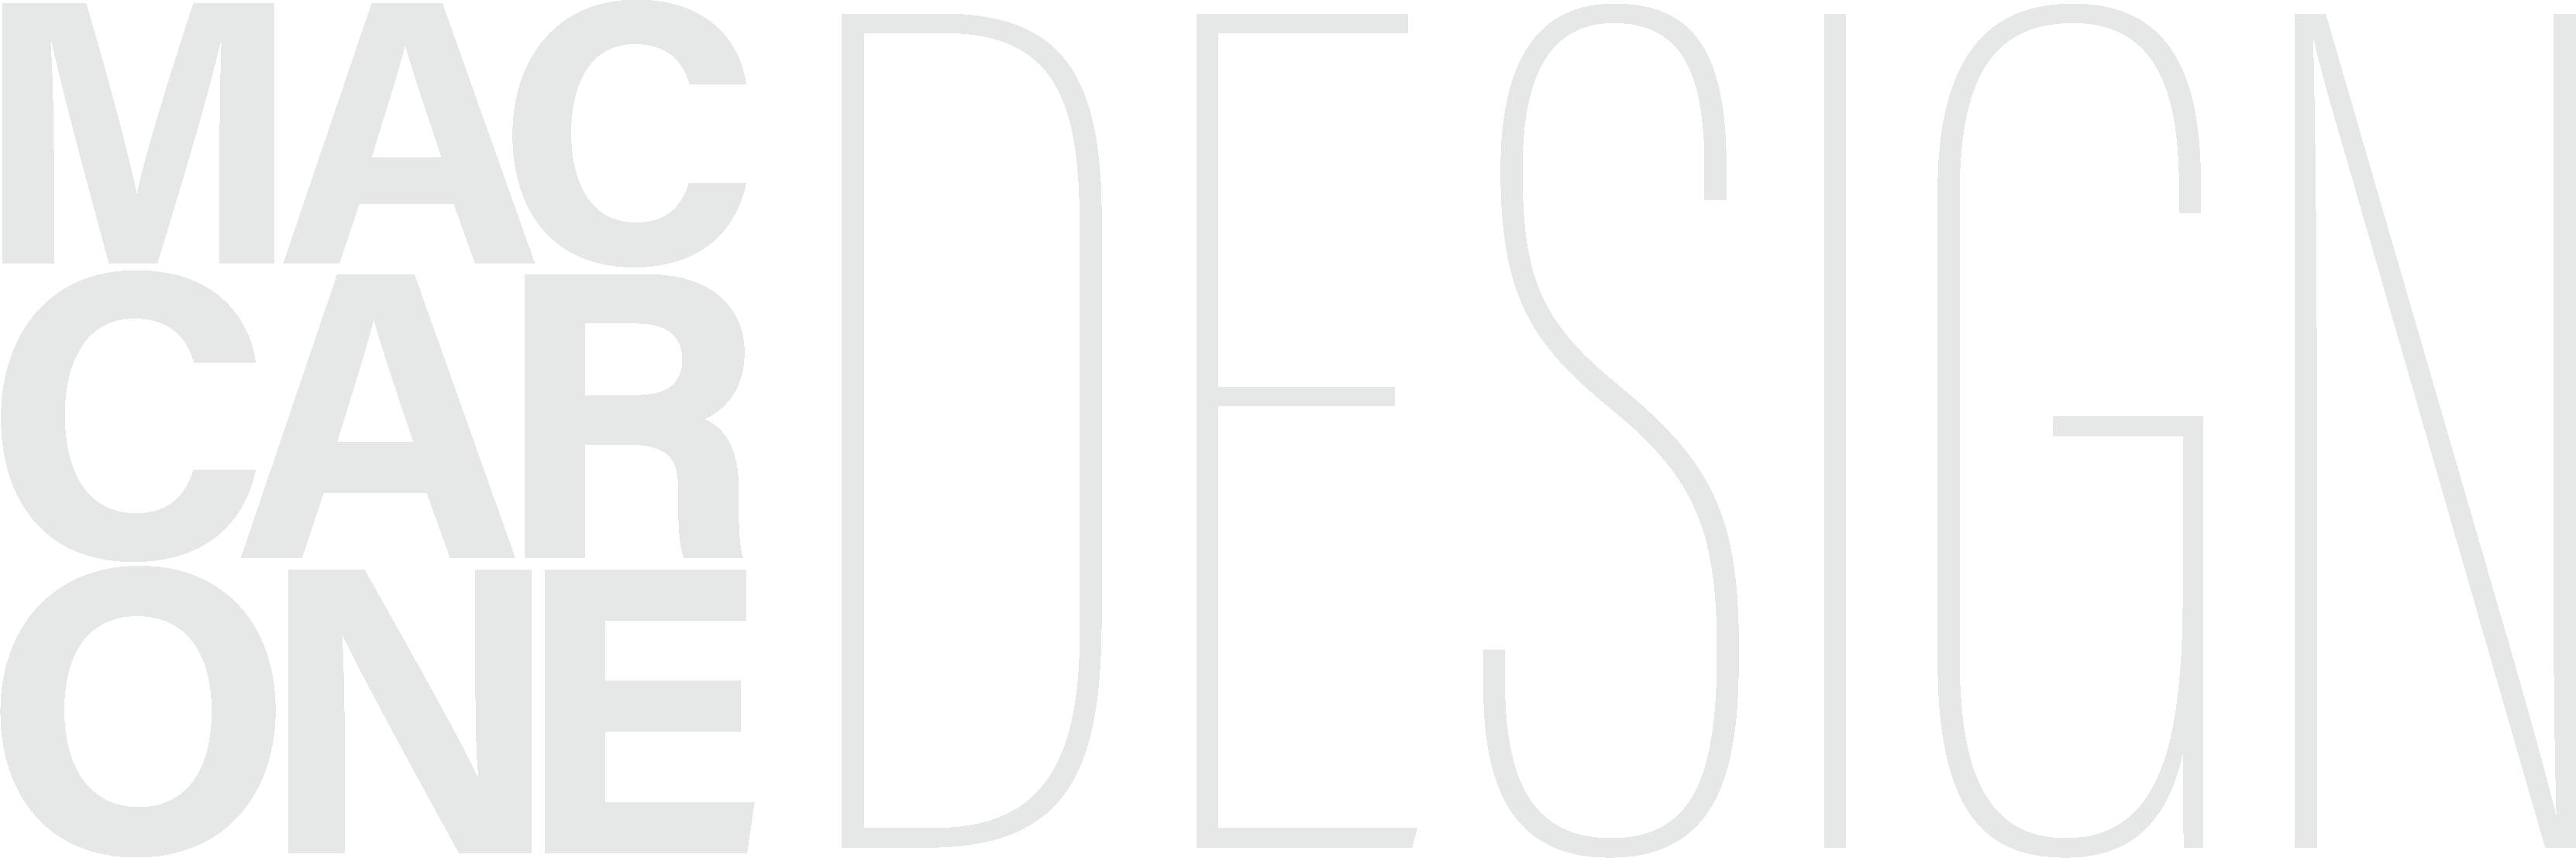 Maccarone Design